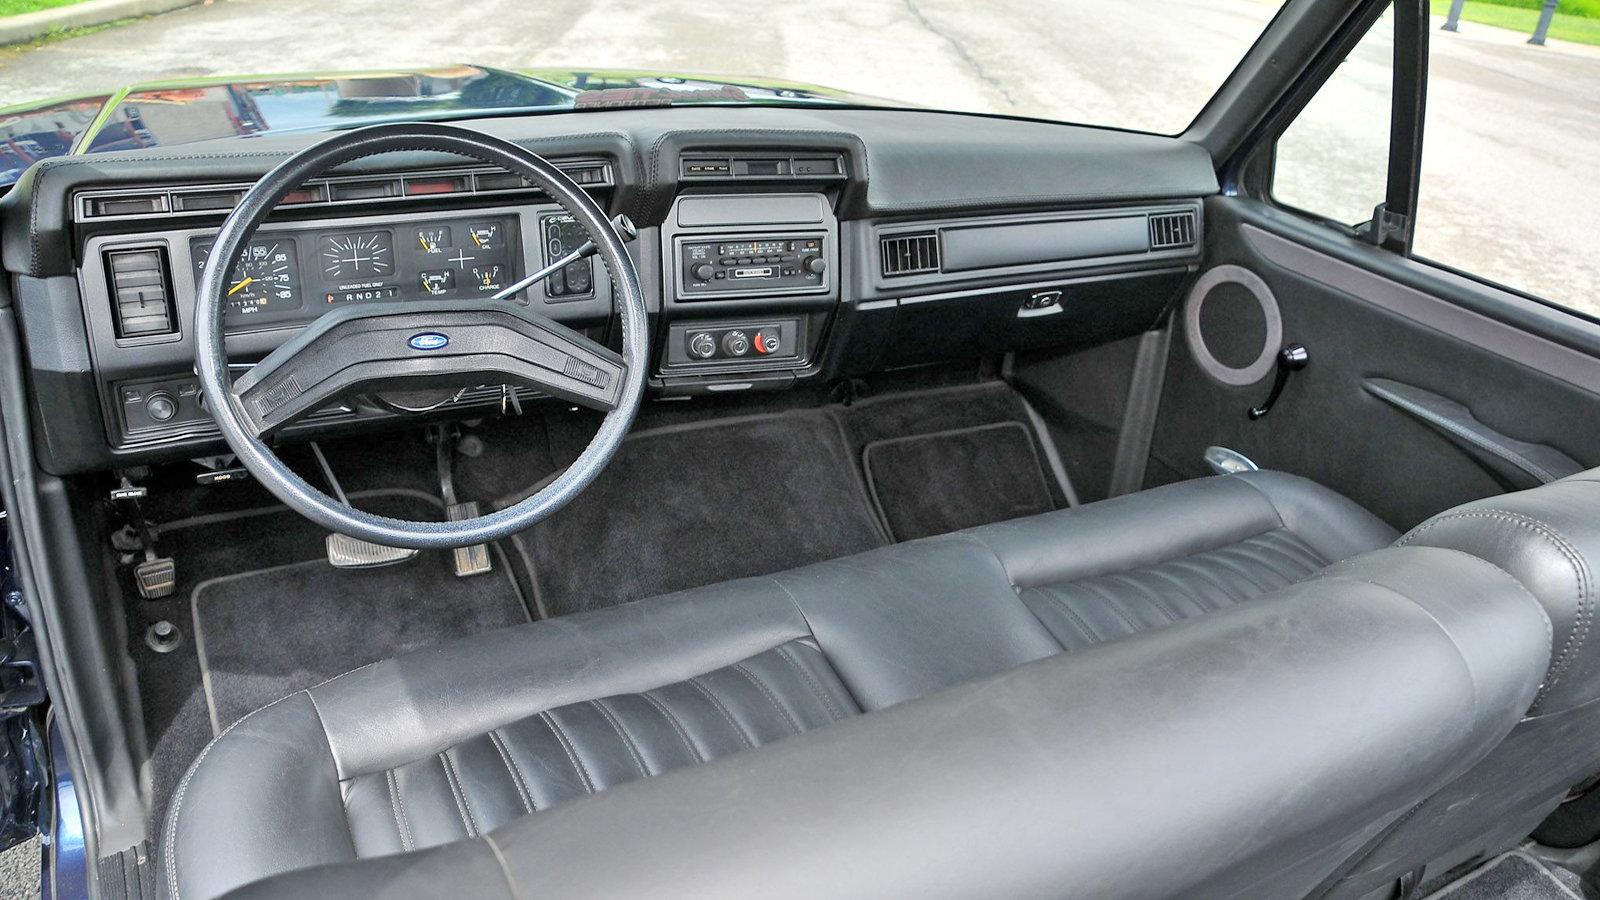 1985 Bronco / El Camino Hybrid